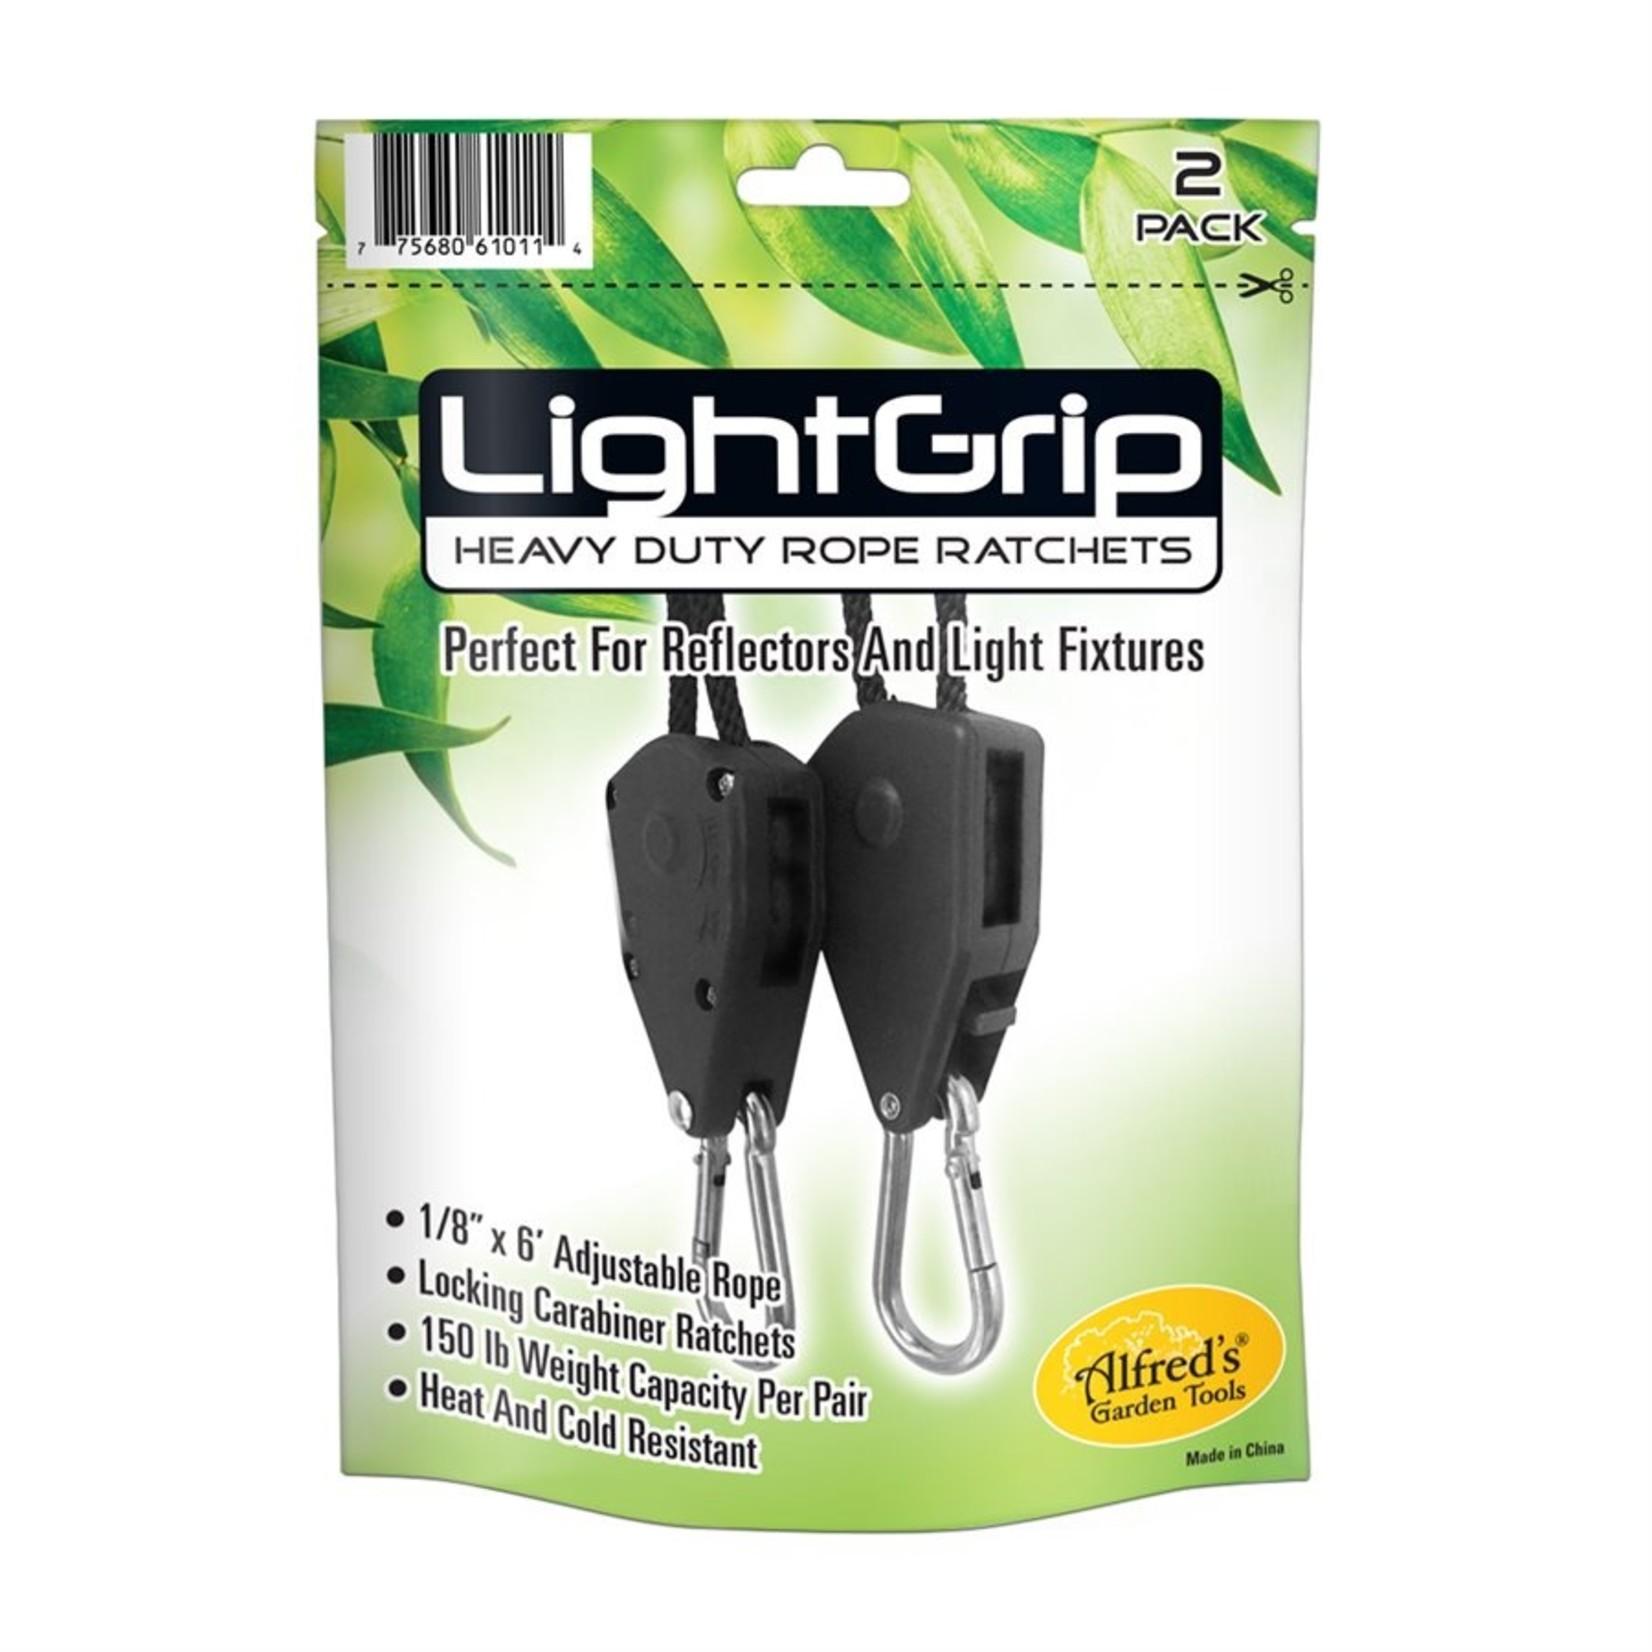 LightGrip Lighthanger 1 / 8'' (PAIR)